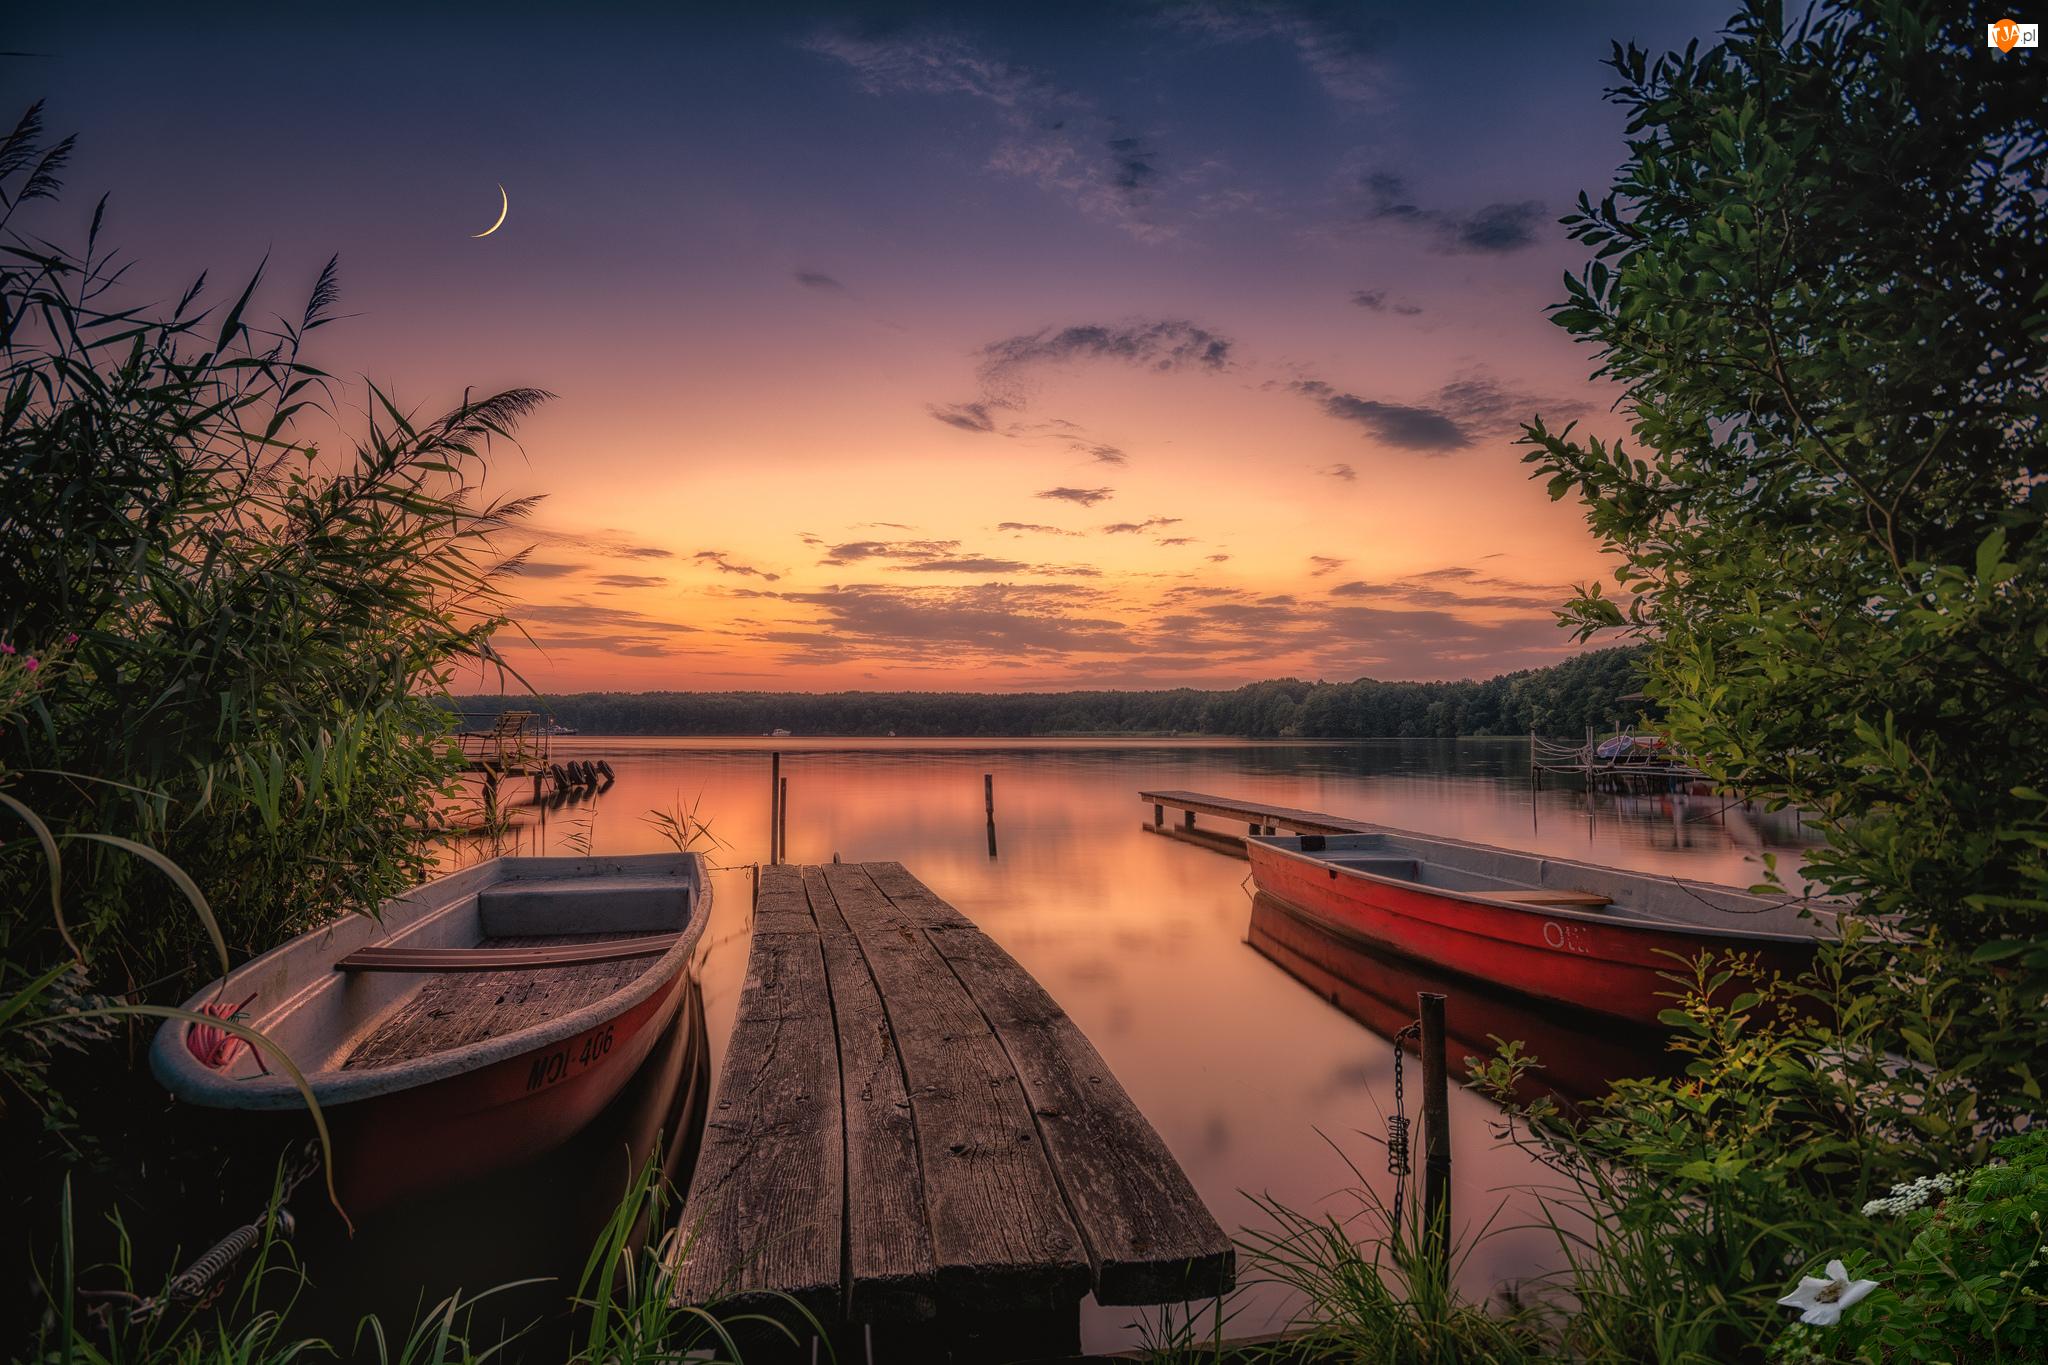 Niebo, Jezioro, Drzewa, Księżyc, Łódki, Pomost, Zachód słońca, Trawa